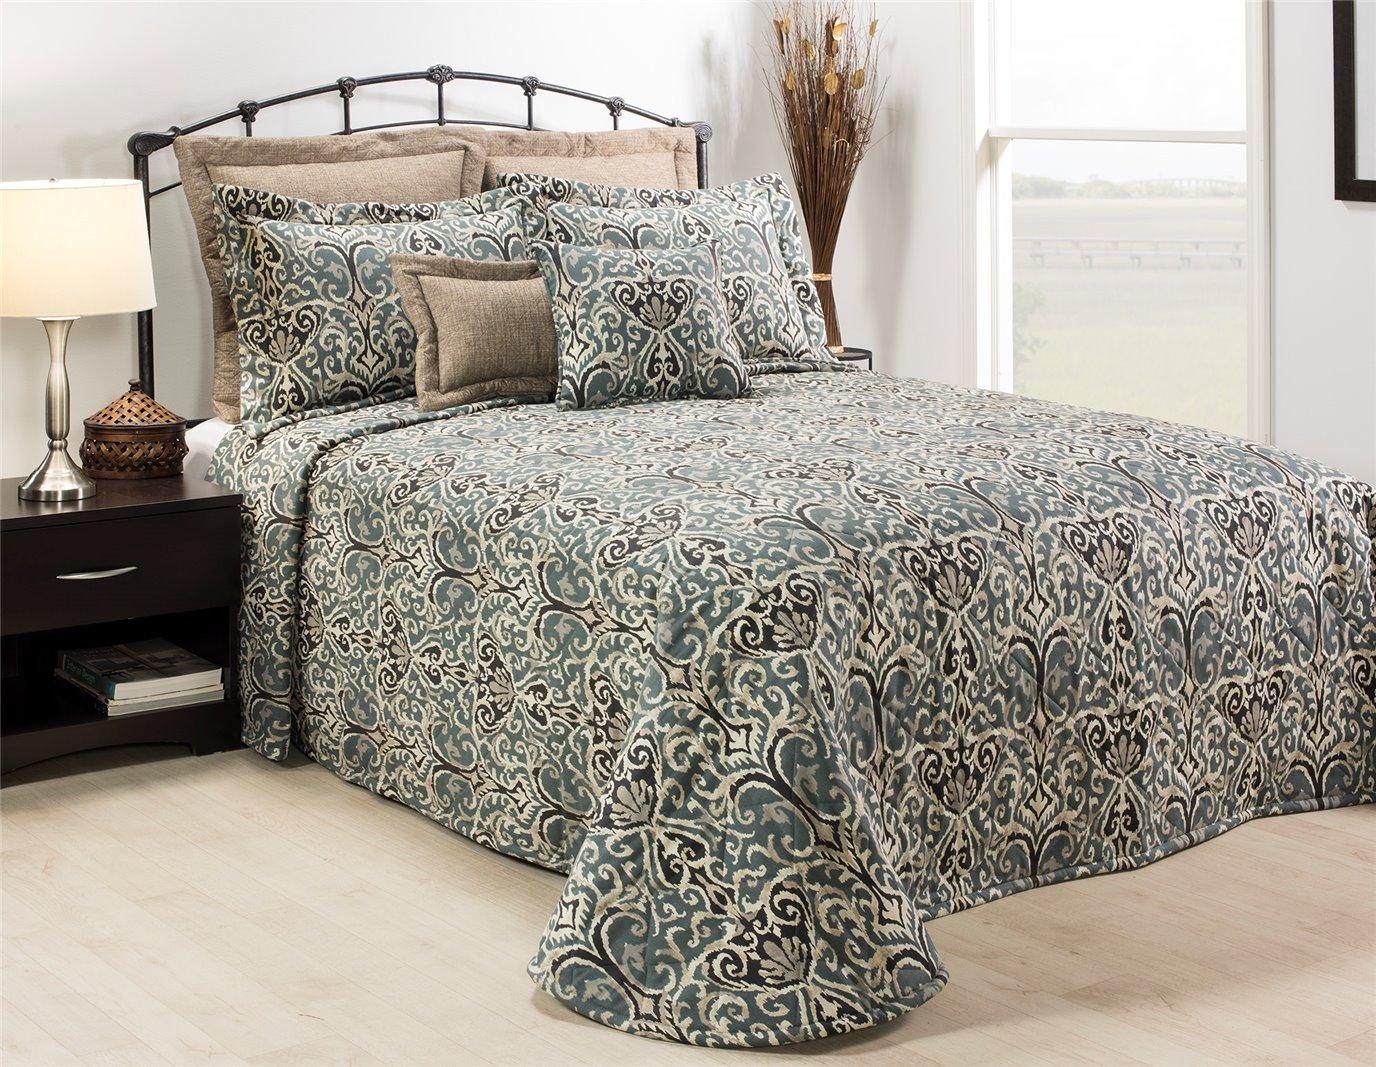 Midnight Ikat King Bedspread